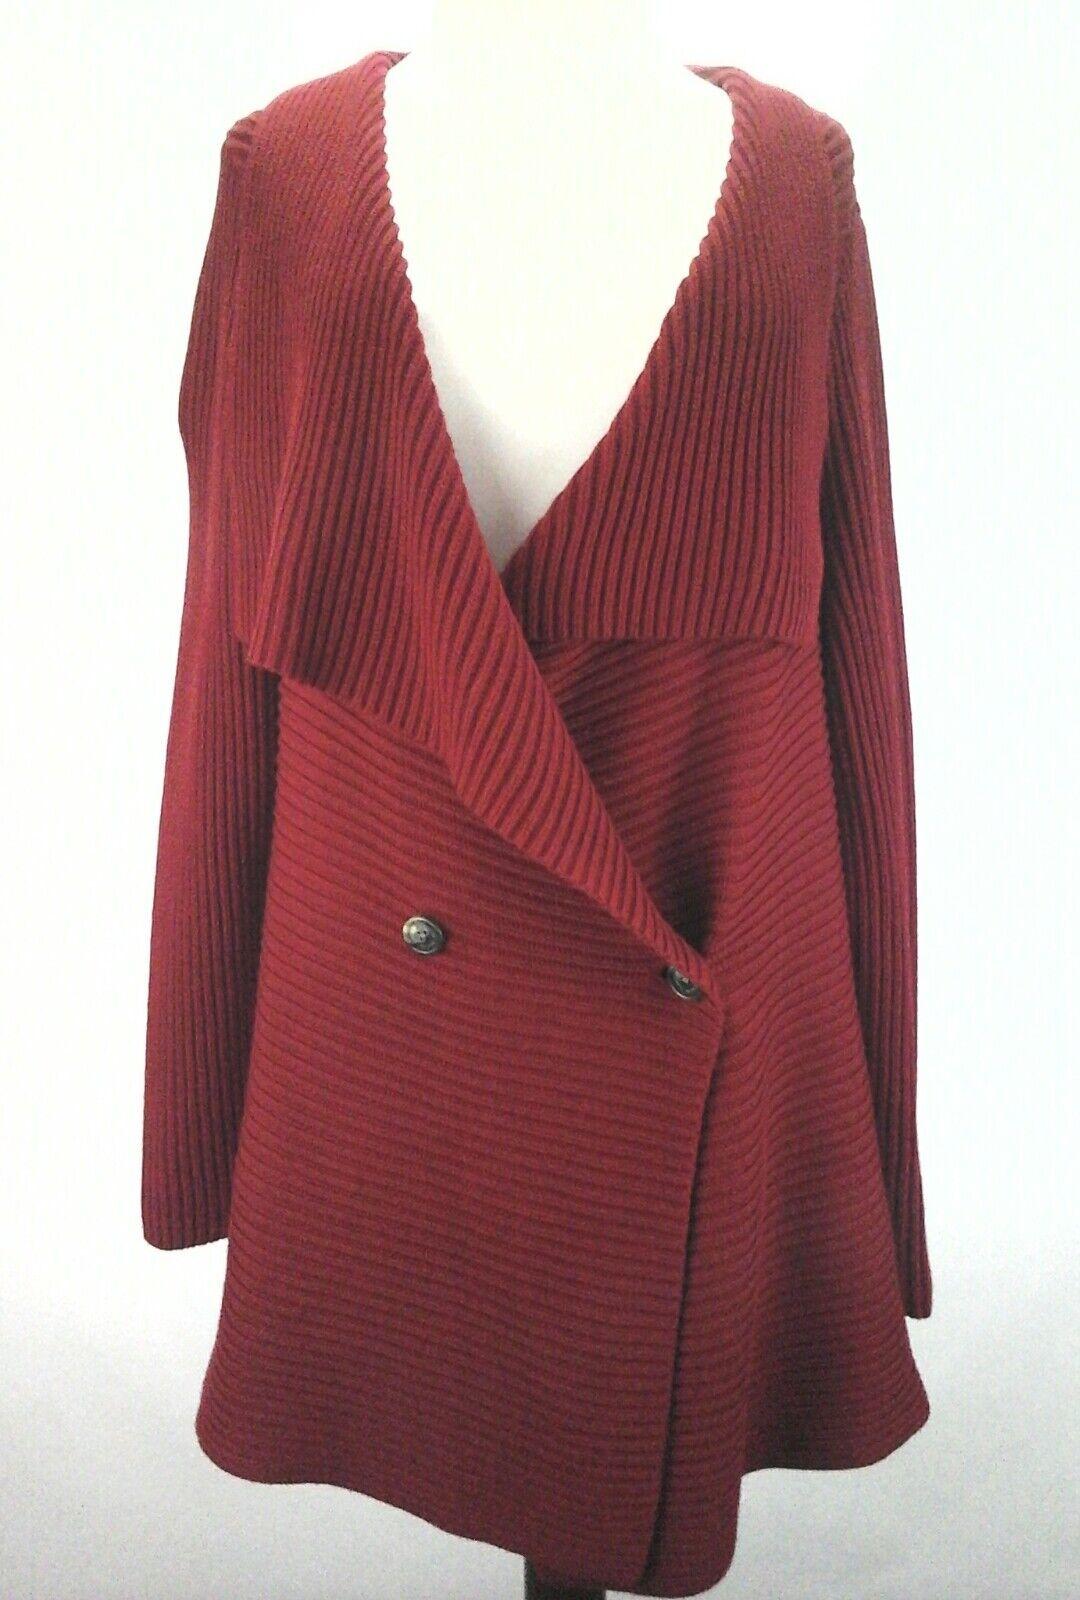 LAUREN RALPH LAUREN  NEW Draped Open Front rot damen Cardigan  Sweater 1X